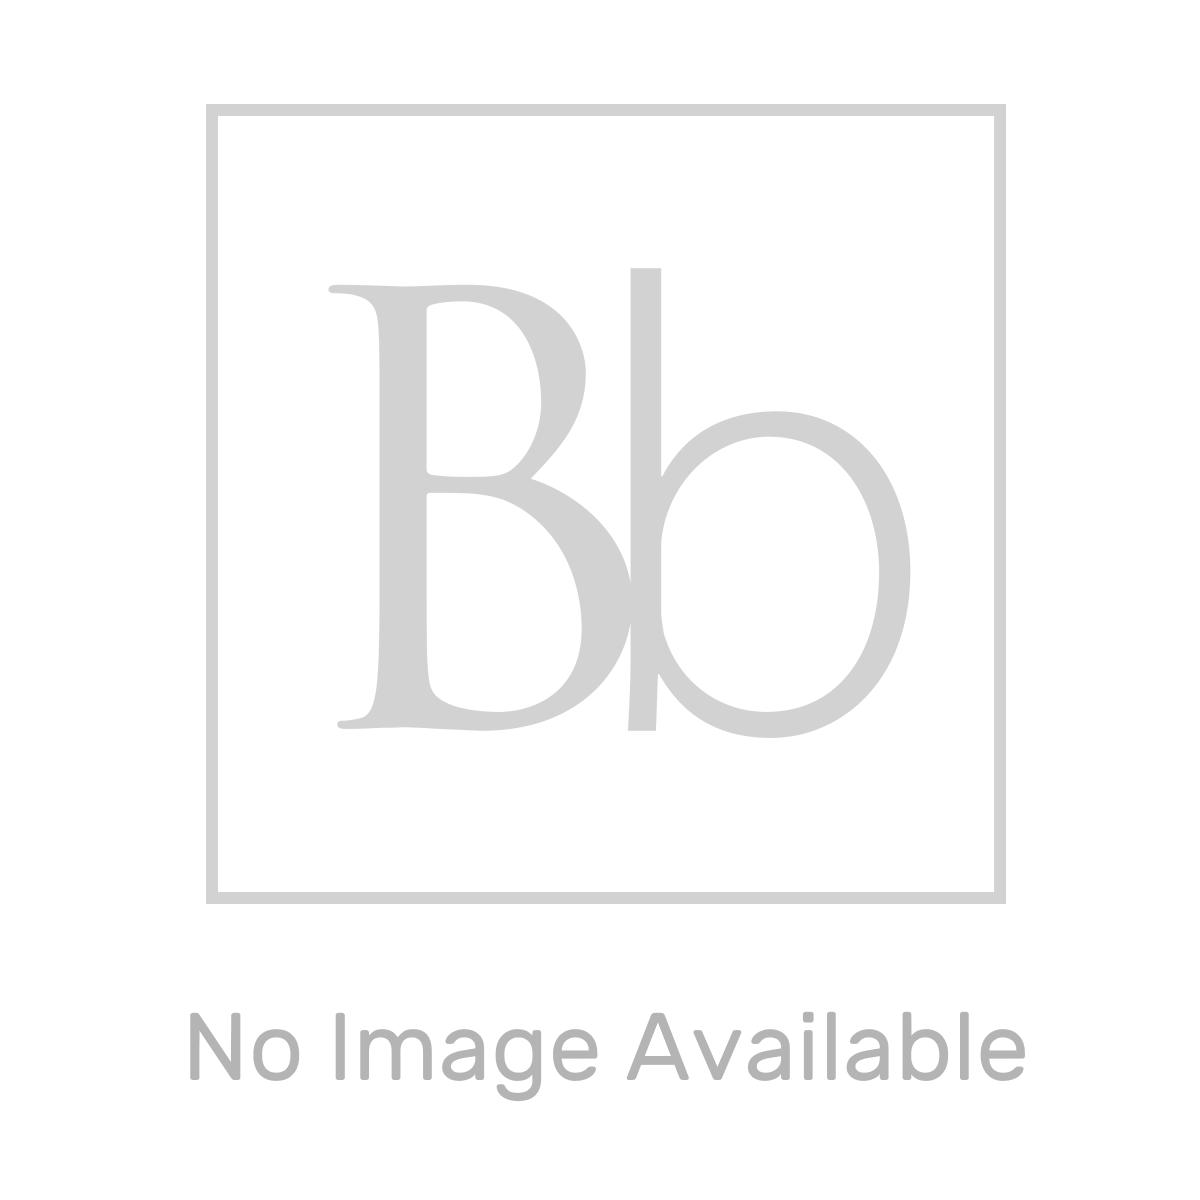 BTL Lucia Grey Ash Round Mirror 550 x 550mm